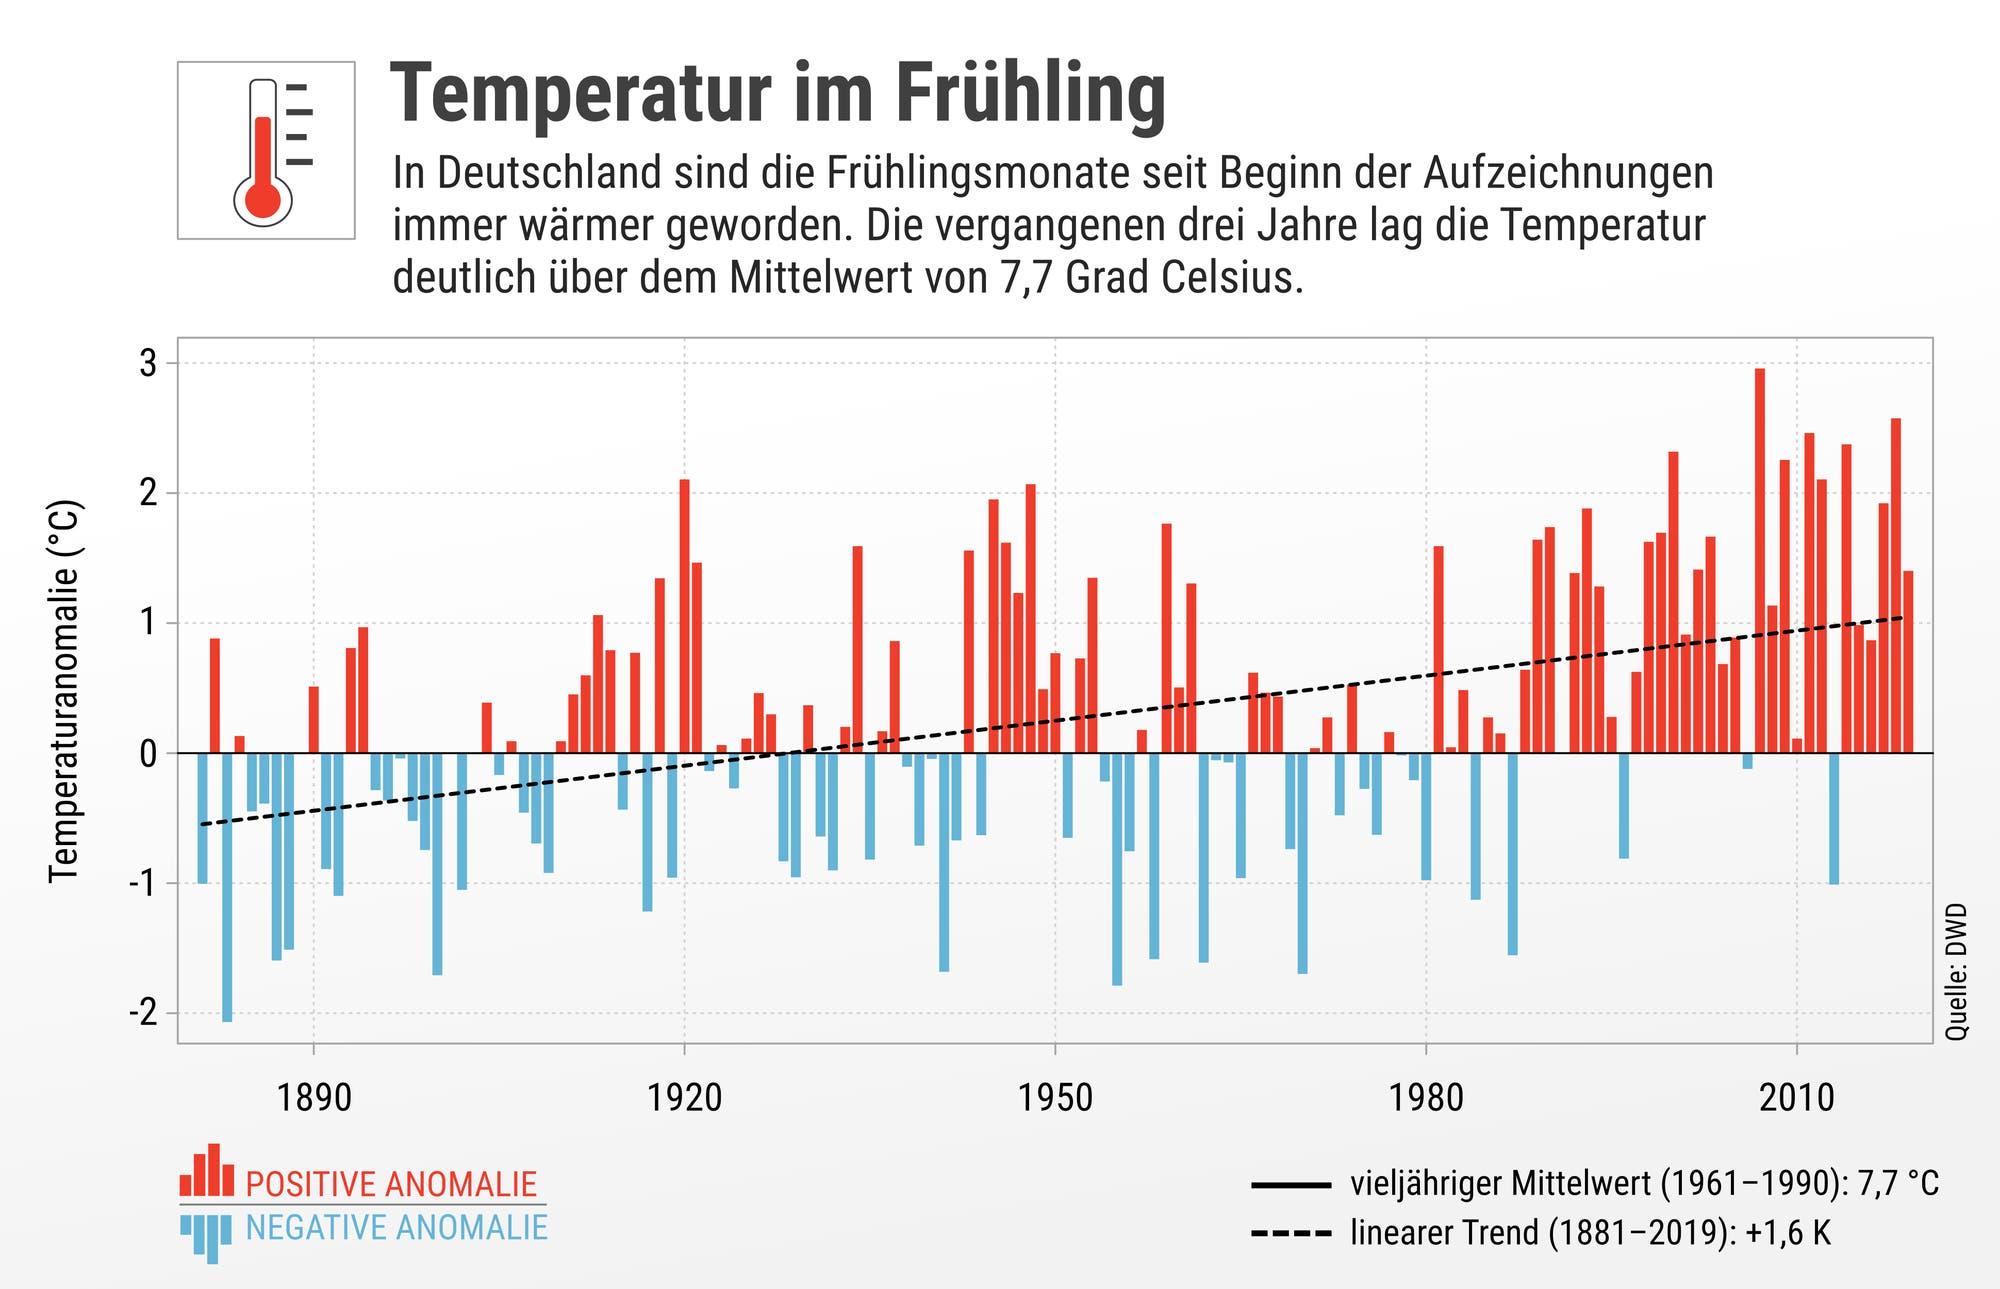 Die Grafik zeigt die Temperaturanomalien im Frühling.